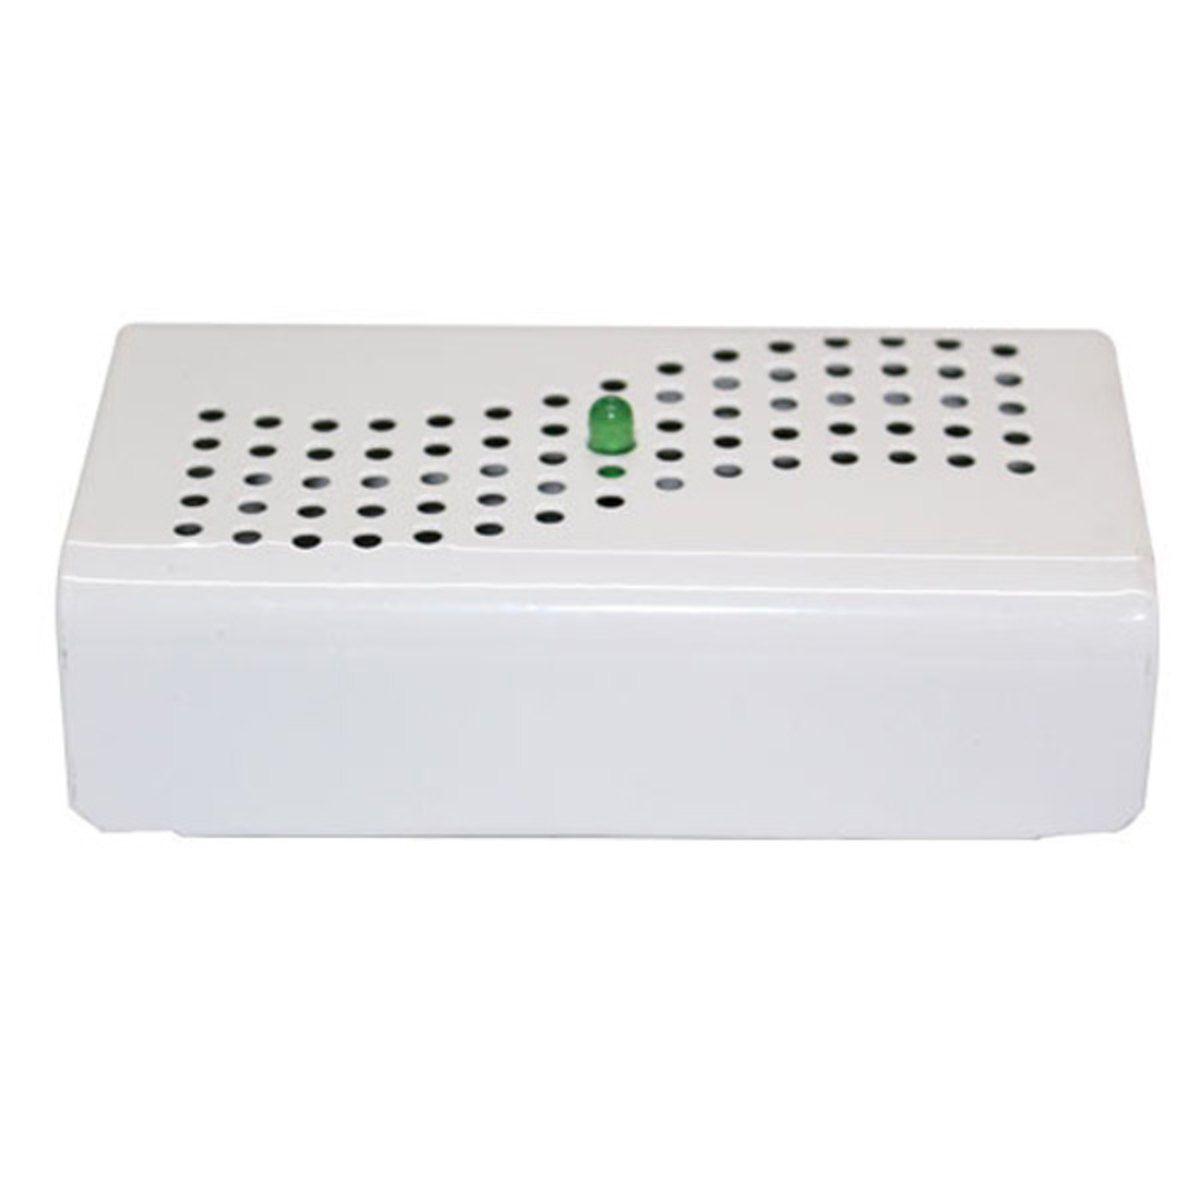 Anti Mofo Eletrônico R14 220V  1 unid. Branco Repel Mofo, Anti-Ácaro e Fungos, Desumidificador Capte